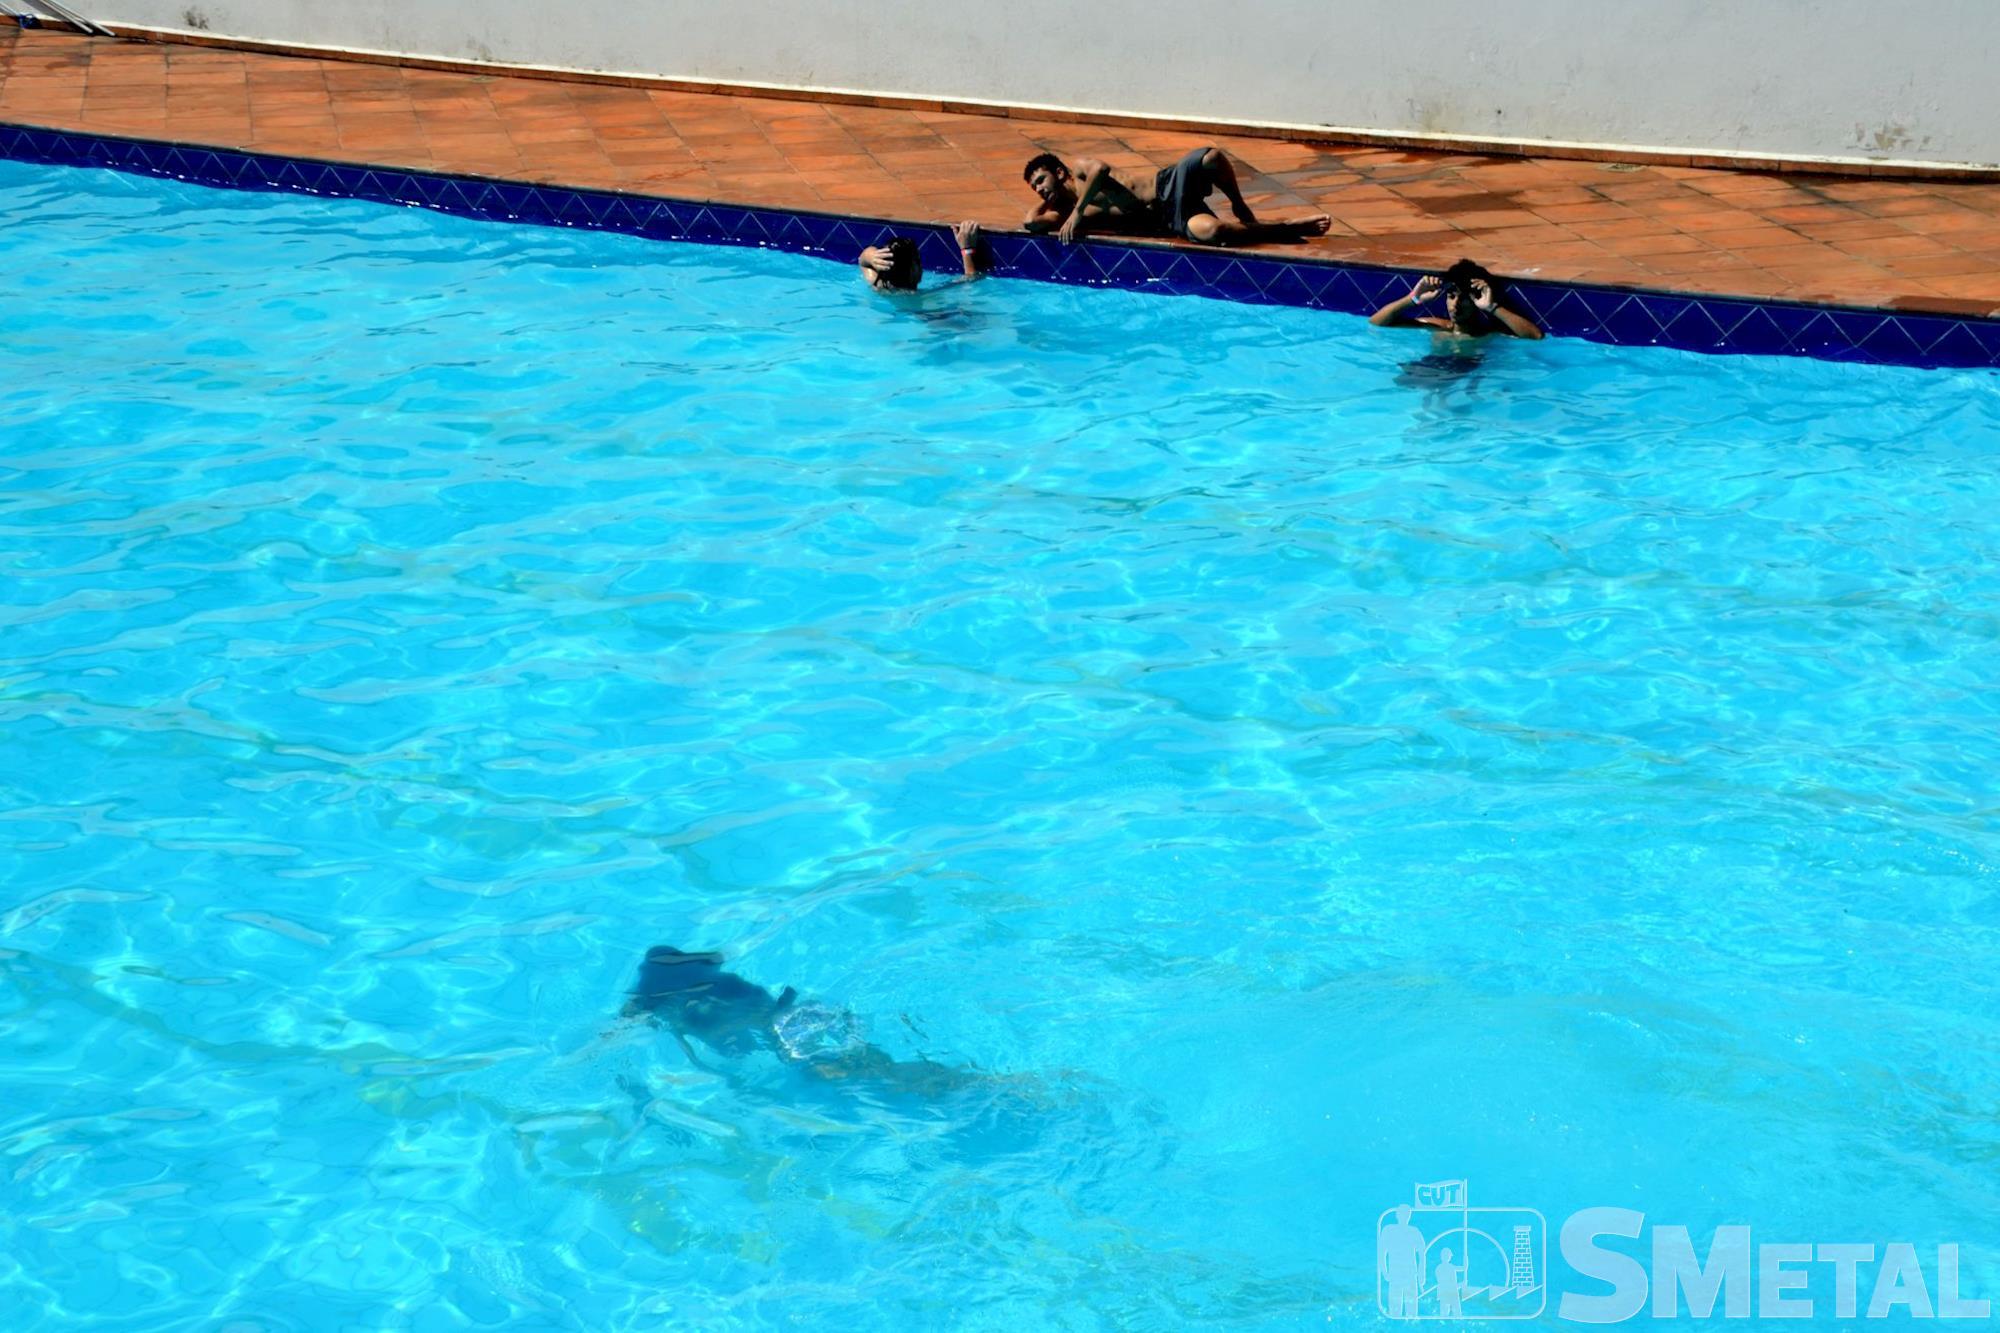 Reabertura das piscinas do Clube de Campo do SMetal, clube,  piscina,  semana,  fotos,  campo,  reabertura, Fernanda Ikedo / Imprensa SMetal, Calor e música ao vivo marcam a reabertura das piscinas